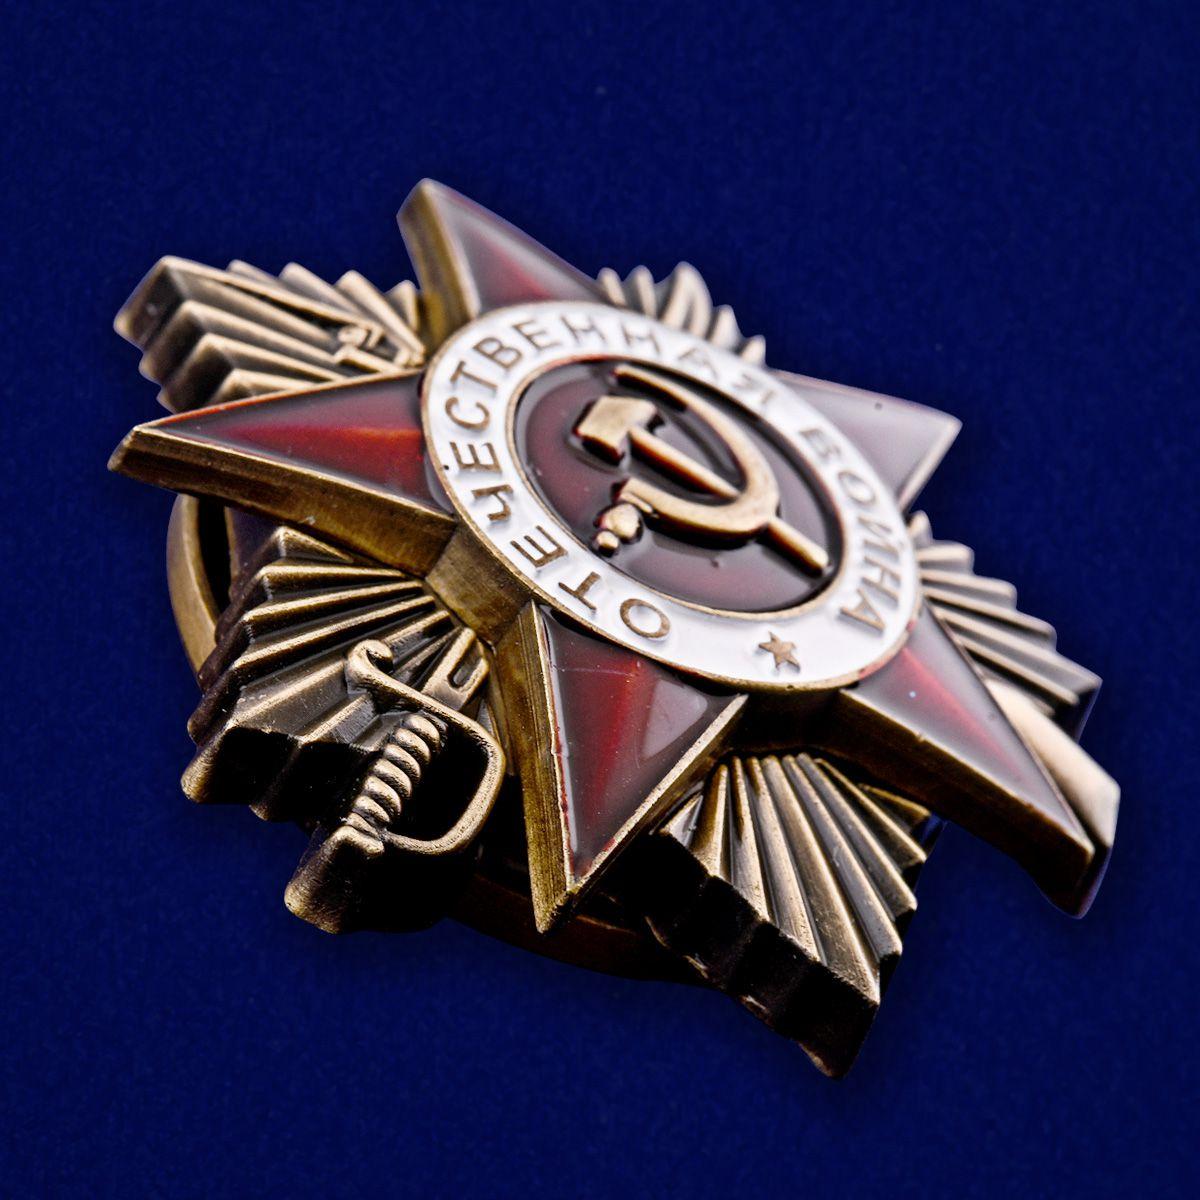 Копия ордена Отечественной войны 1 степени - в профиль